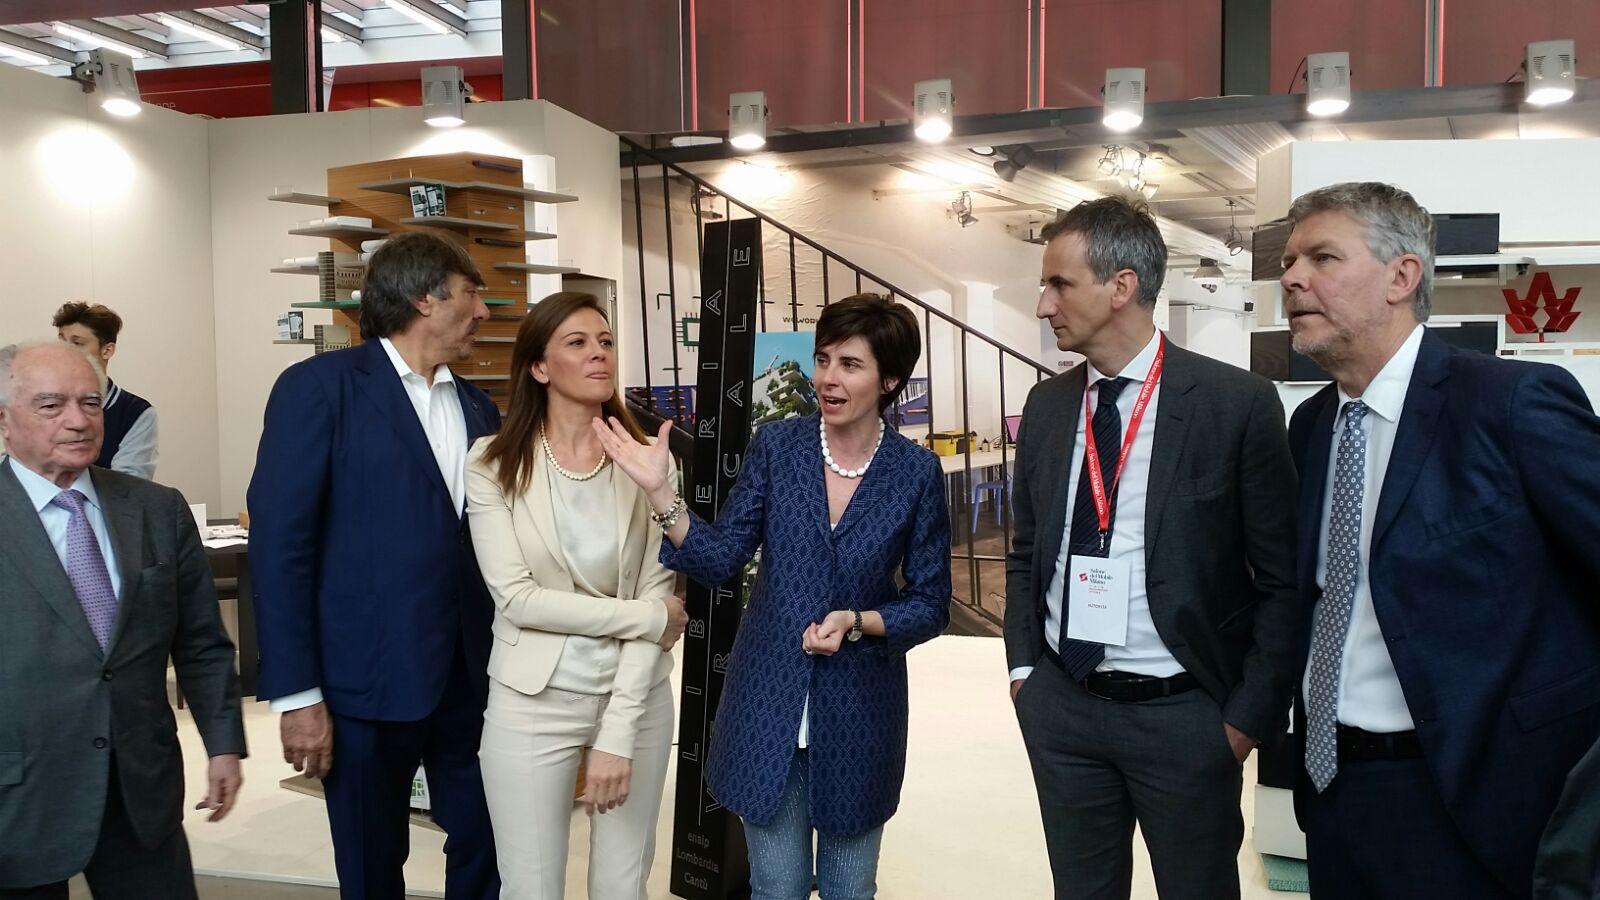 Lombardia, Salone del Mobile: Presidente Fermi a cerimonia inaugurale